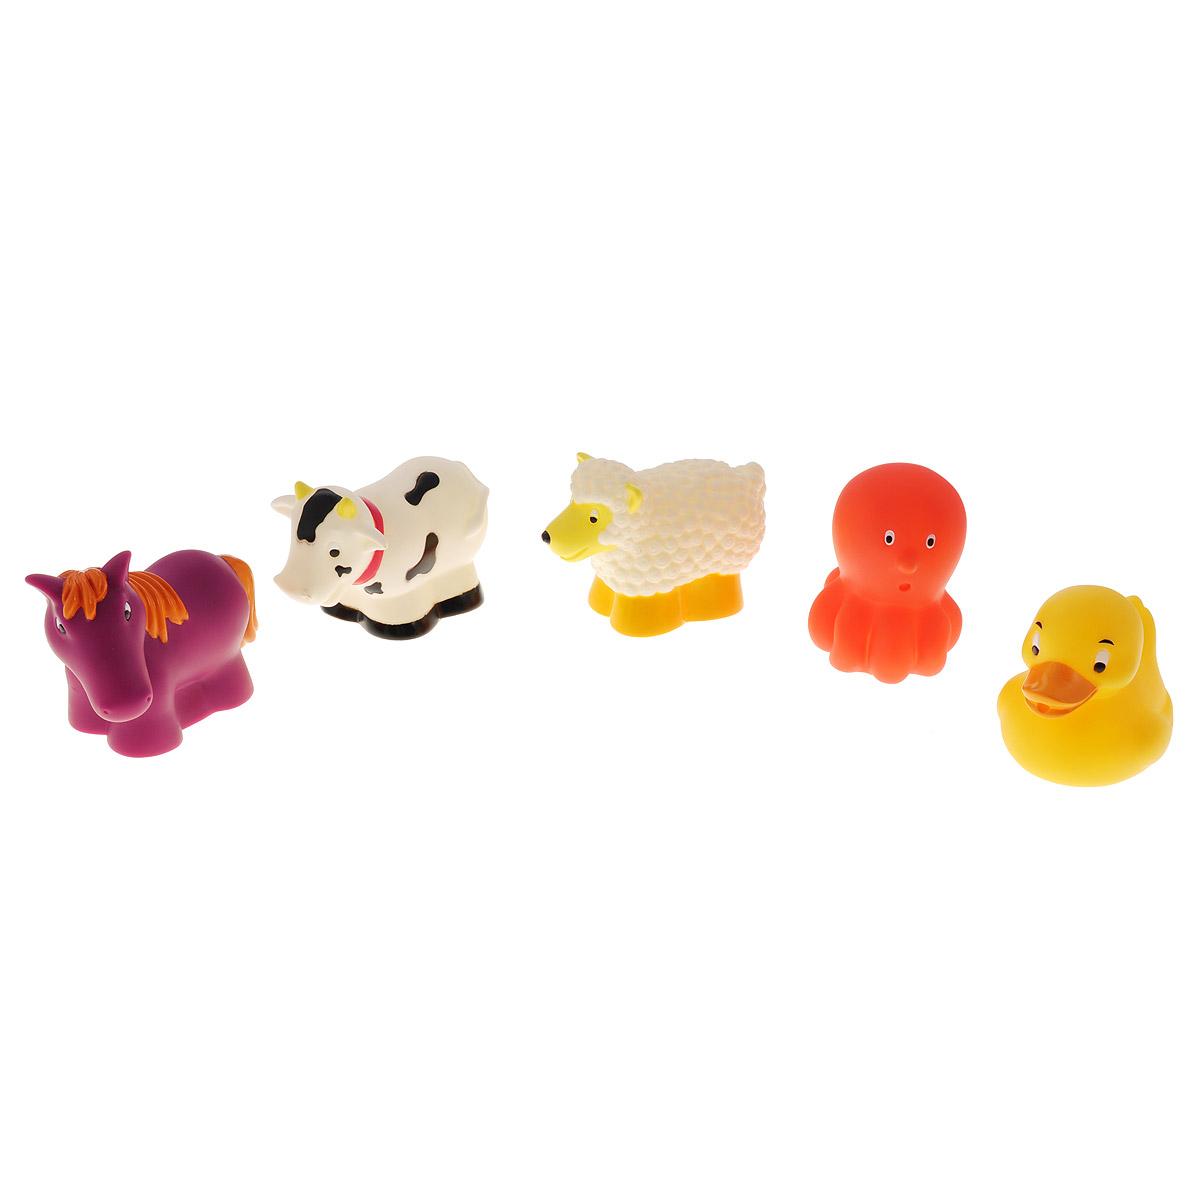 Набор игрушек для ванны Battat Животные на ферме68006Набор игрушек для ванны Battat Животные на ферме превратит купание в веселую игру! Набор включает в себя фигурки коровки, овечки, лошадки, утенка и осьминога. Если сначала набрать воду в игрушки, а потом нажать на них, то изо рта брызнет тонкая струя воды, что, несомненно, развеселит вашего малыша. Игрушки выполнены из яркого мягкого материала, безопасного для ребенка. Игрушки помогут ребенку развить мелкую моторику рук, тактильные ощущения, цветовое восприятие, а милые жизнерадостные образы подарят малышу хорошее настроение.